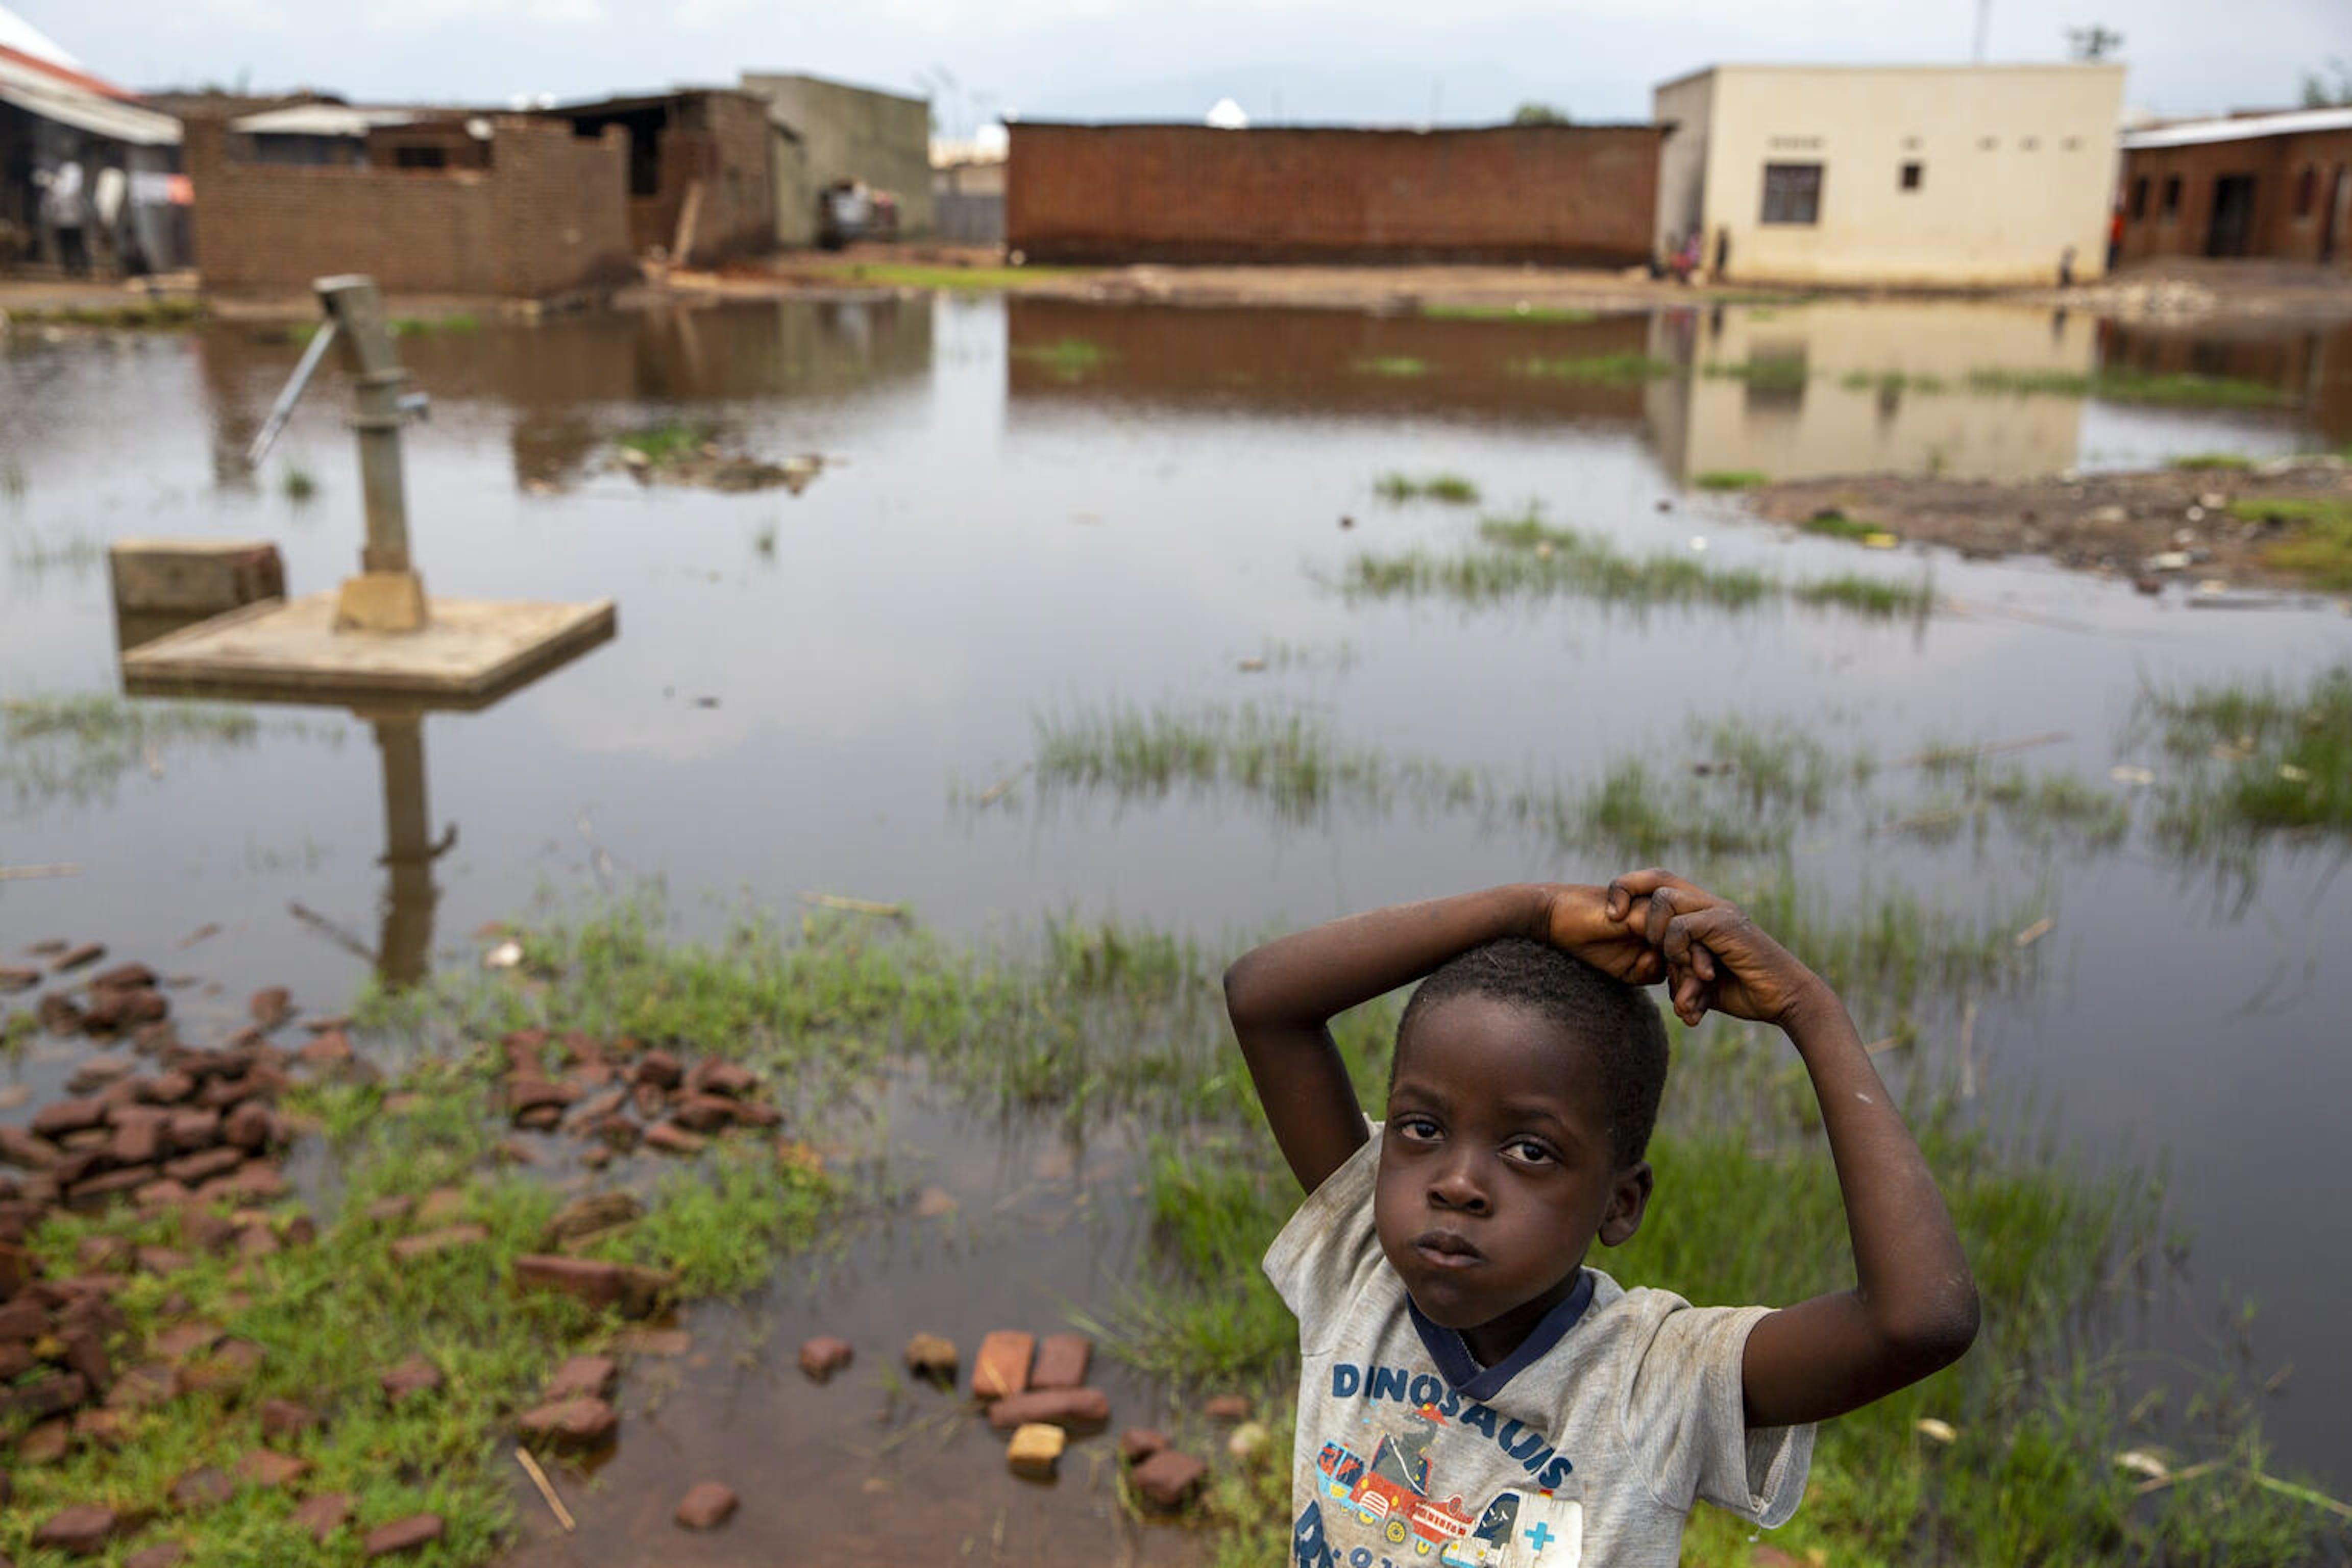 Un bambino vicino a una pompa per l'acqua sommersa a causa delle alluvioni, a Gatumba, vicino a Bujumbura in Burundi. 5 marzo 2021